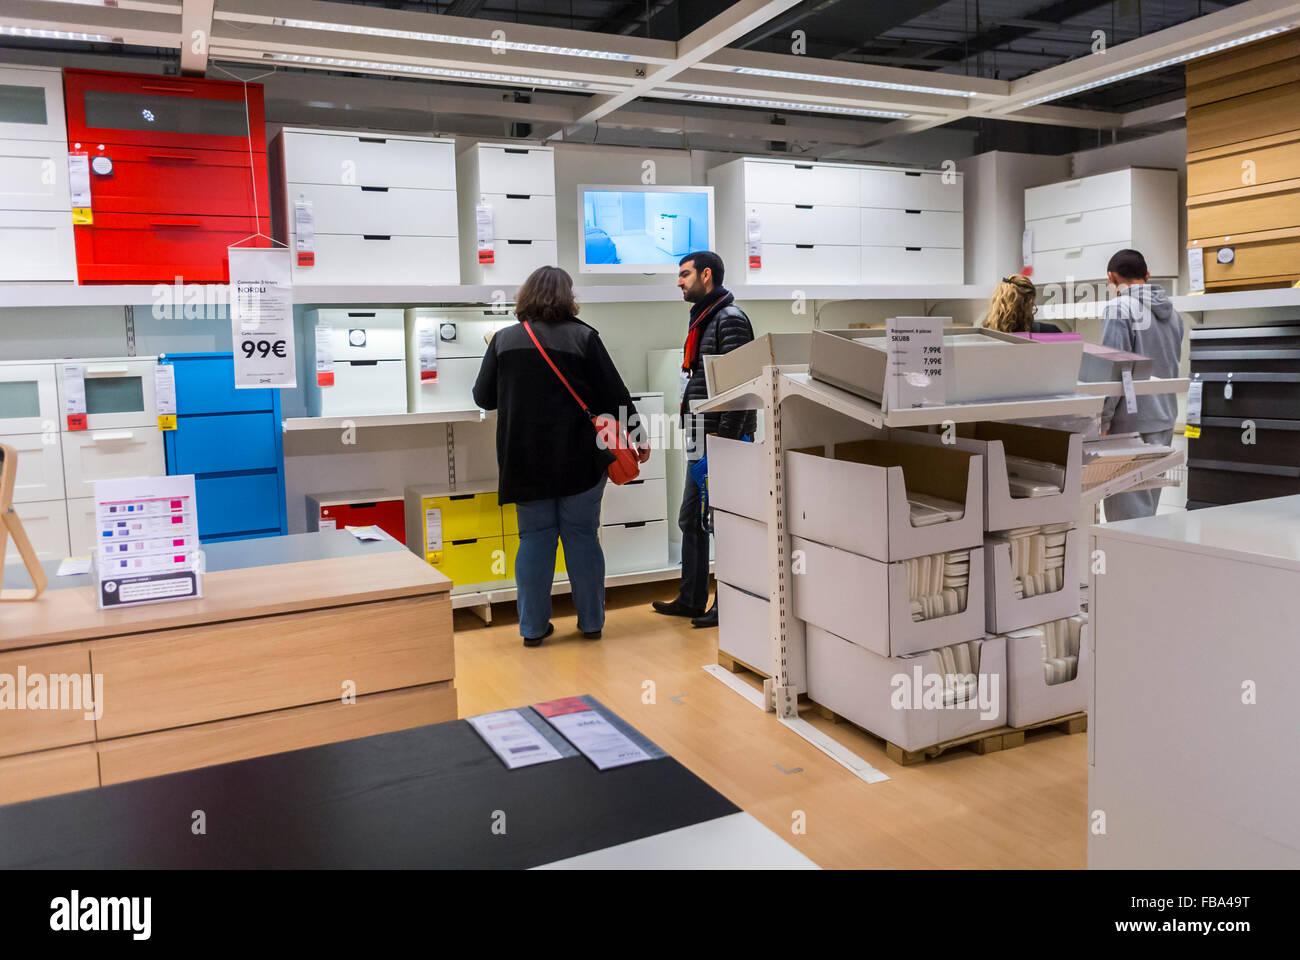 paris france jeune couple moderne dans la maison bricolage meubles prets a assembler magasin ikea dans les banlieues les fournitures de bureau d